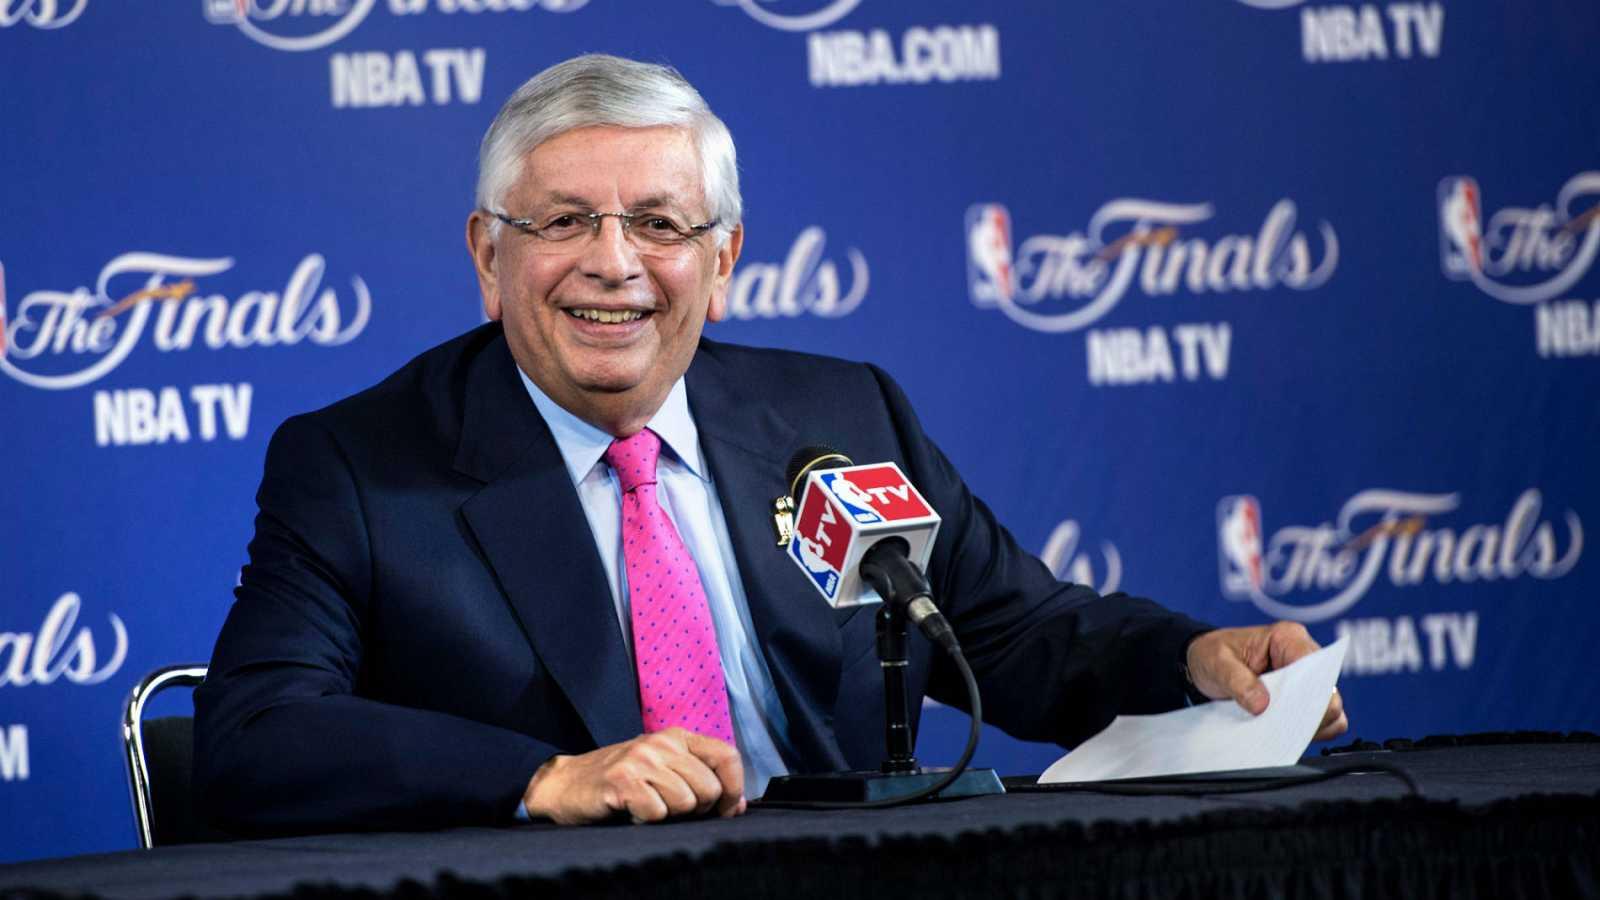 Fallece David Stern, comisionado emérito de la NBA